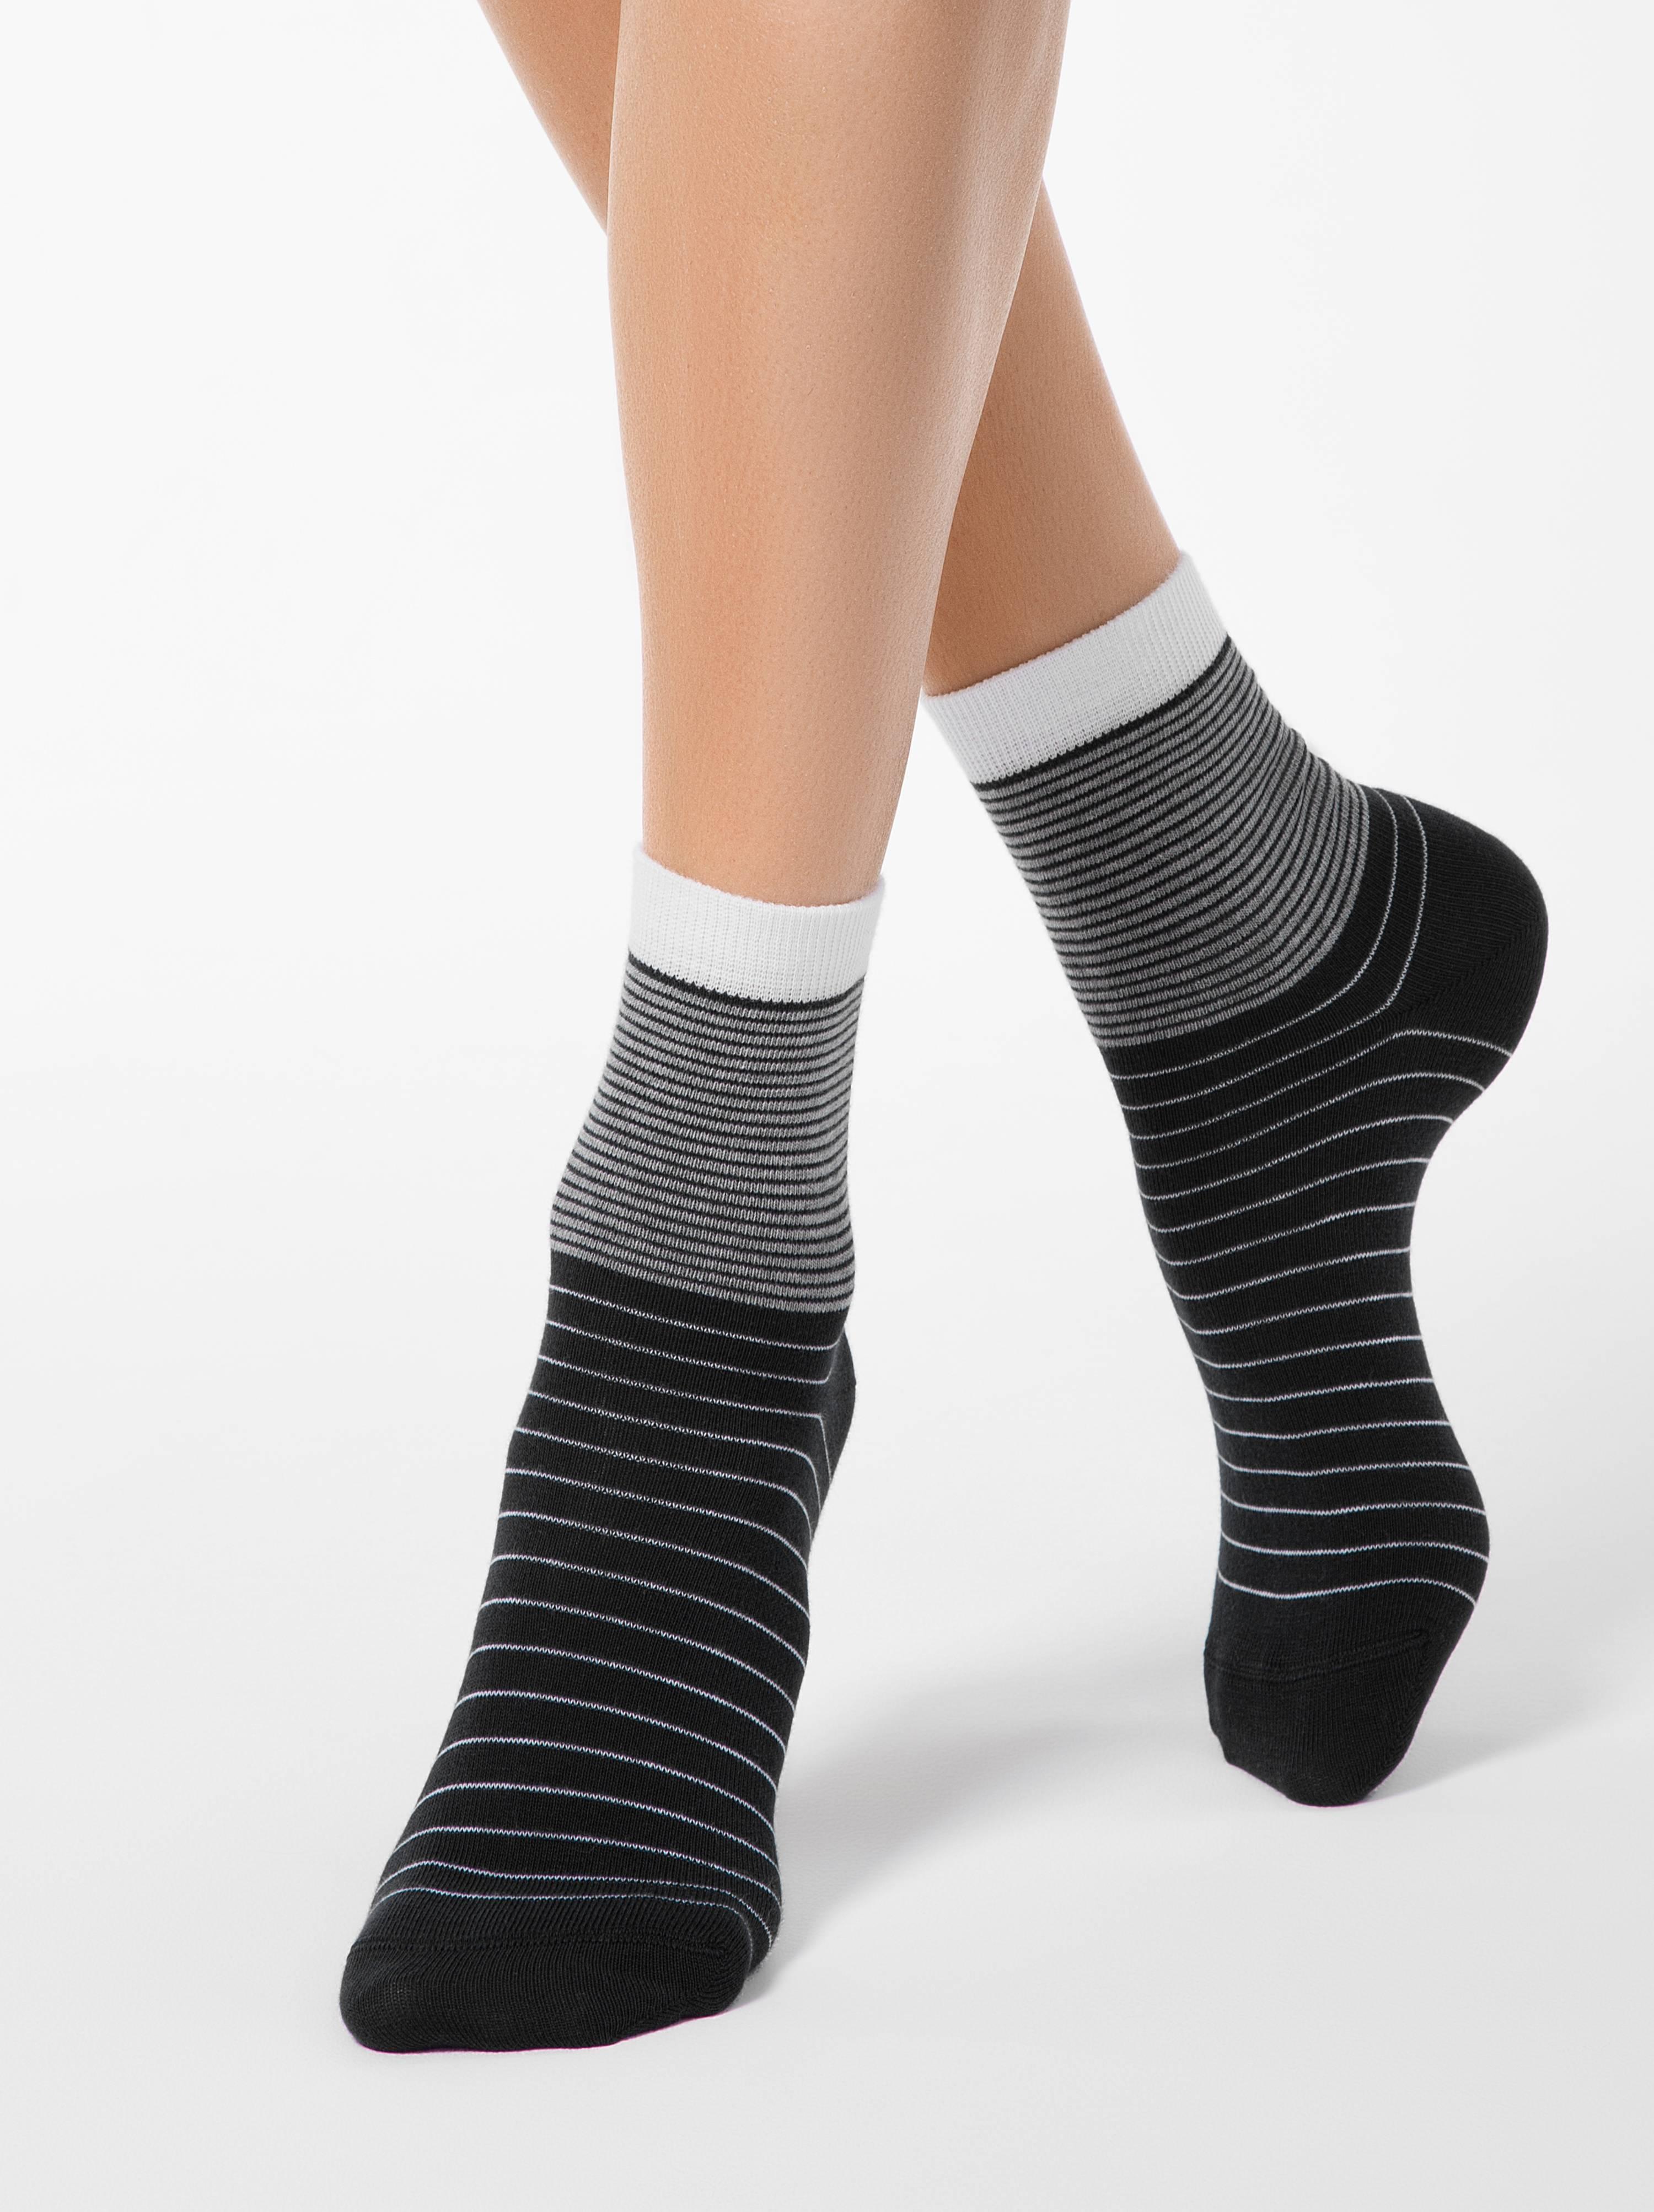 Носки хлопковые женские ⭐️ Хлопковые носки CLASSIC ⭐️